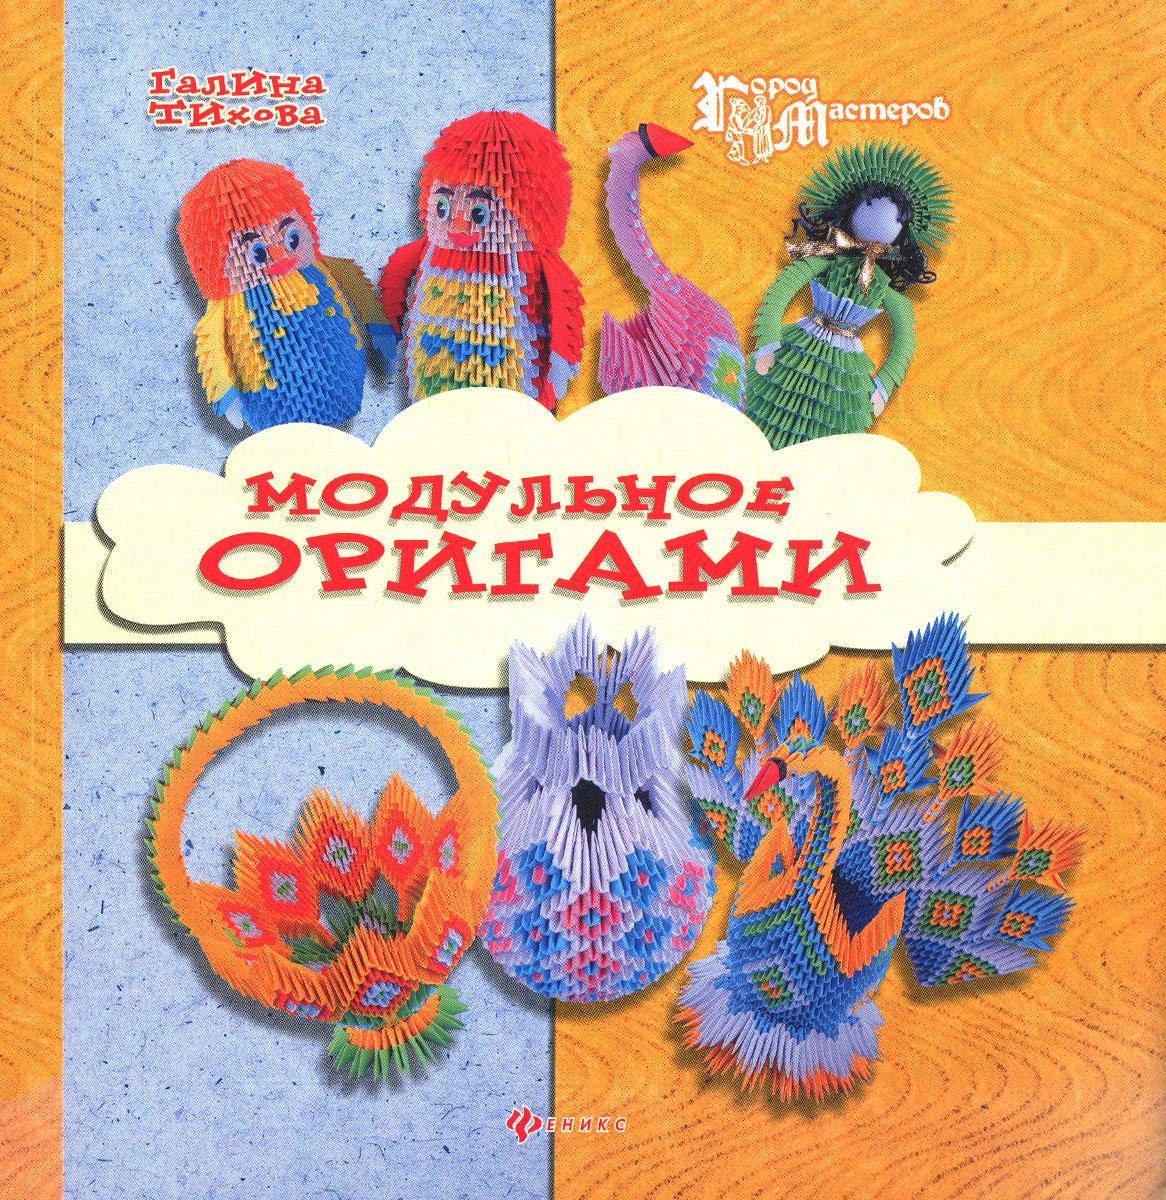 Модульное оригами. Галина Тихова